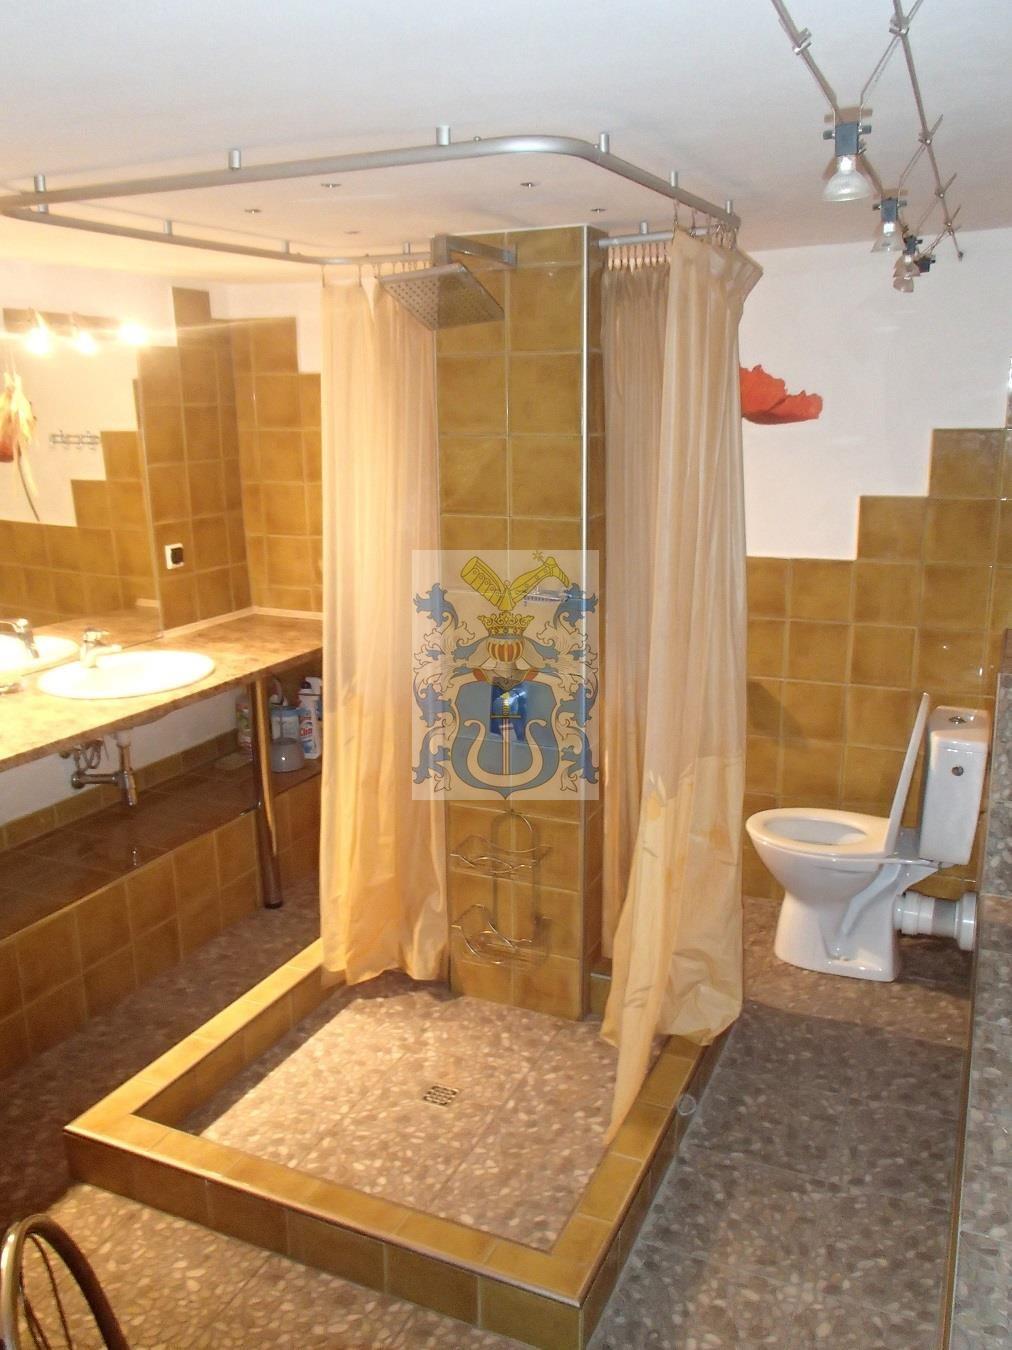 Dom na wynajem Kraków, Kraków-Krowodrza, Wola Justowska  140m2 Foto 5